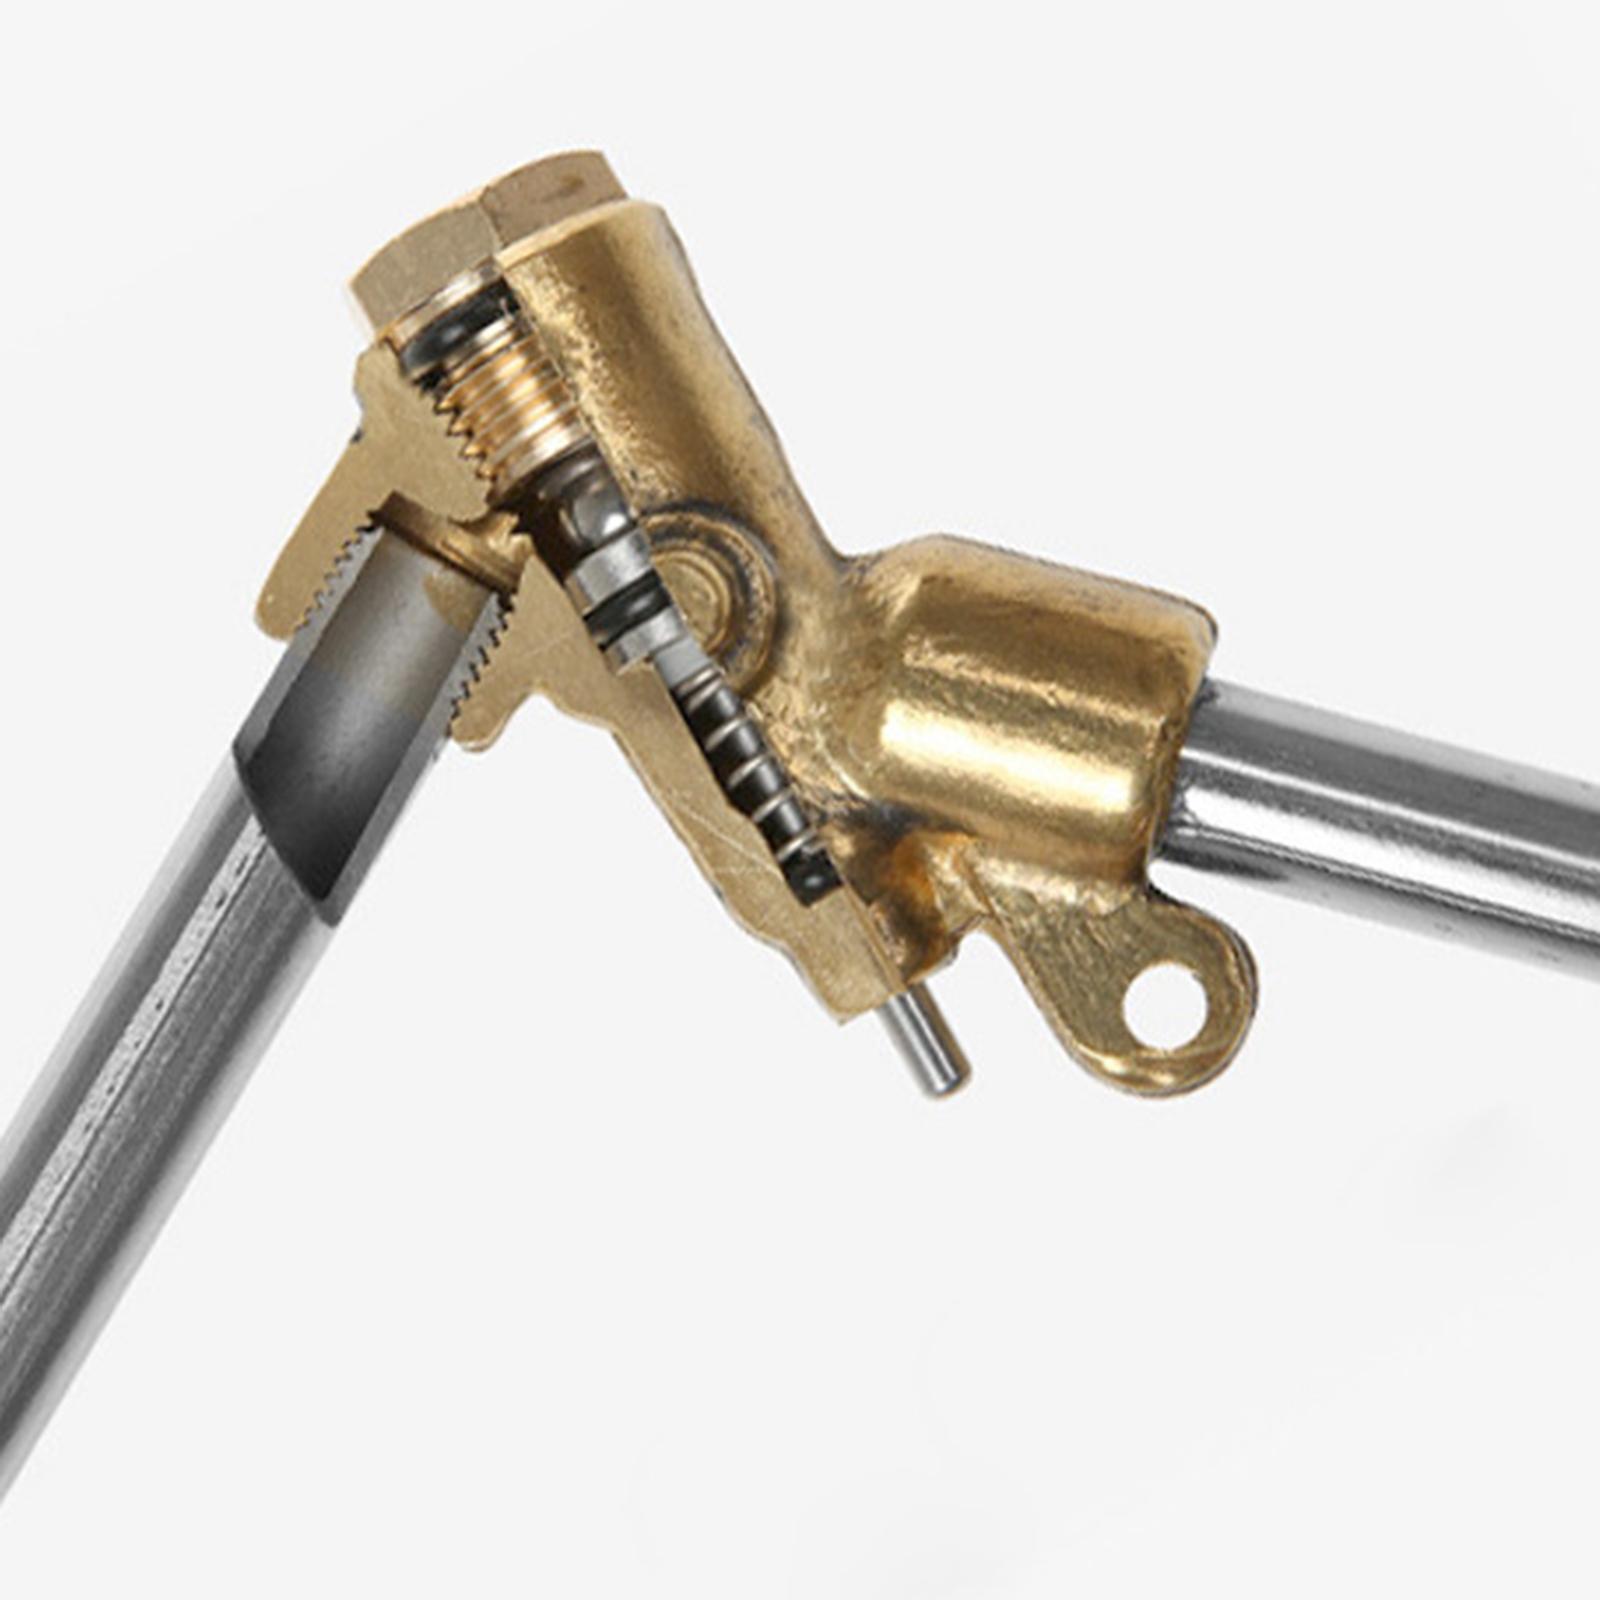 Indexbild 14 - Hochdruckreiniger Pistole Düse Zubehör Ersatzteile Teile Hochdruckpistole